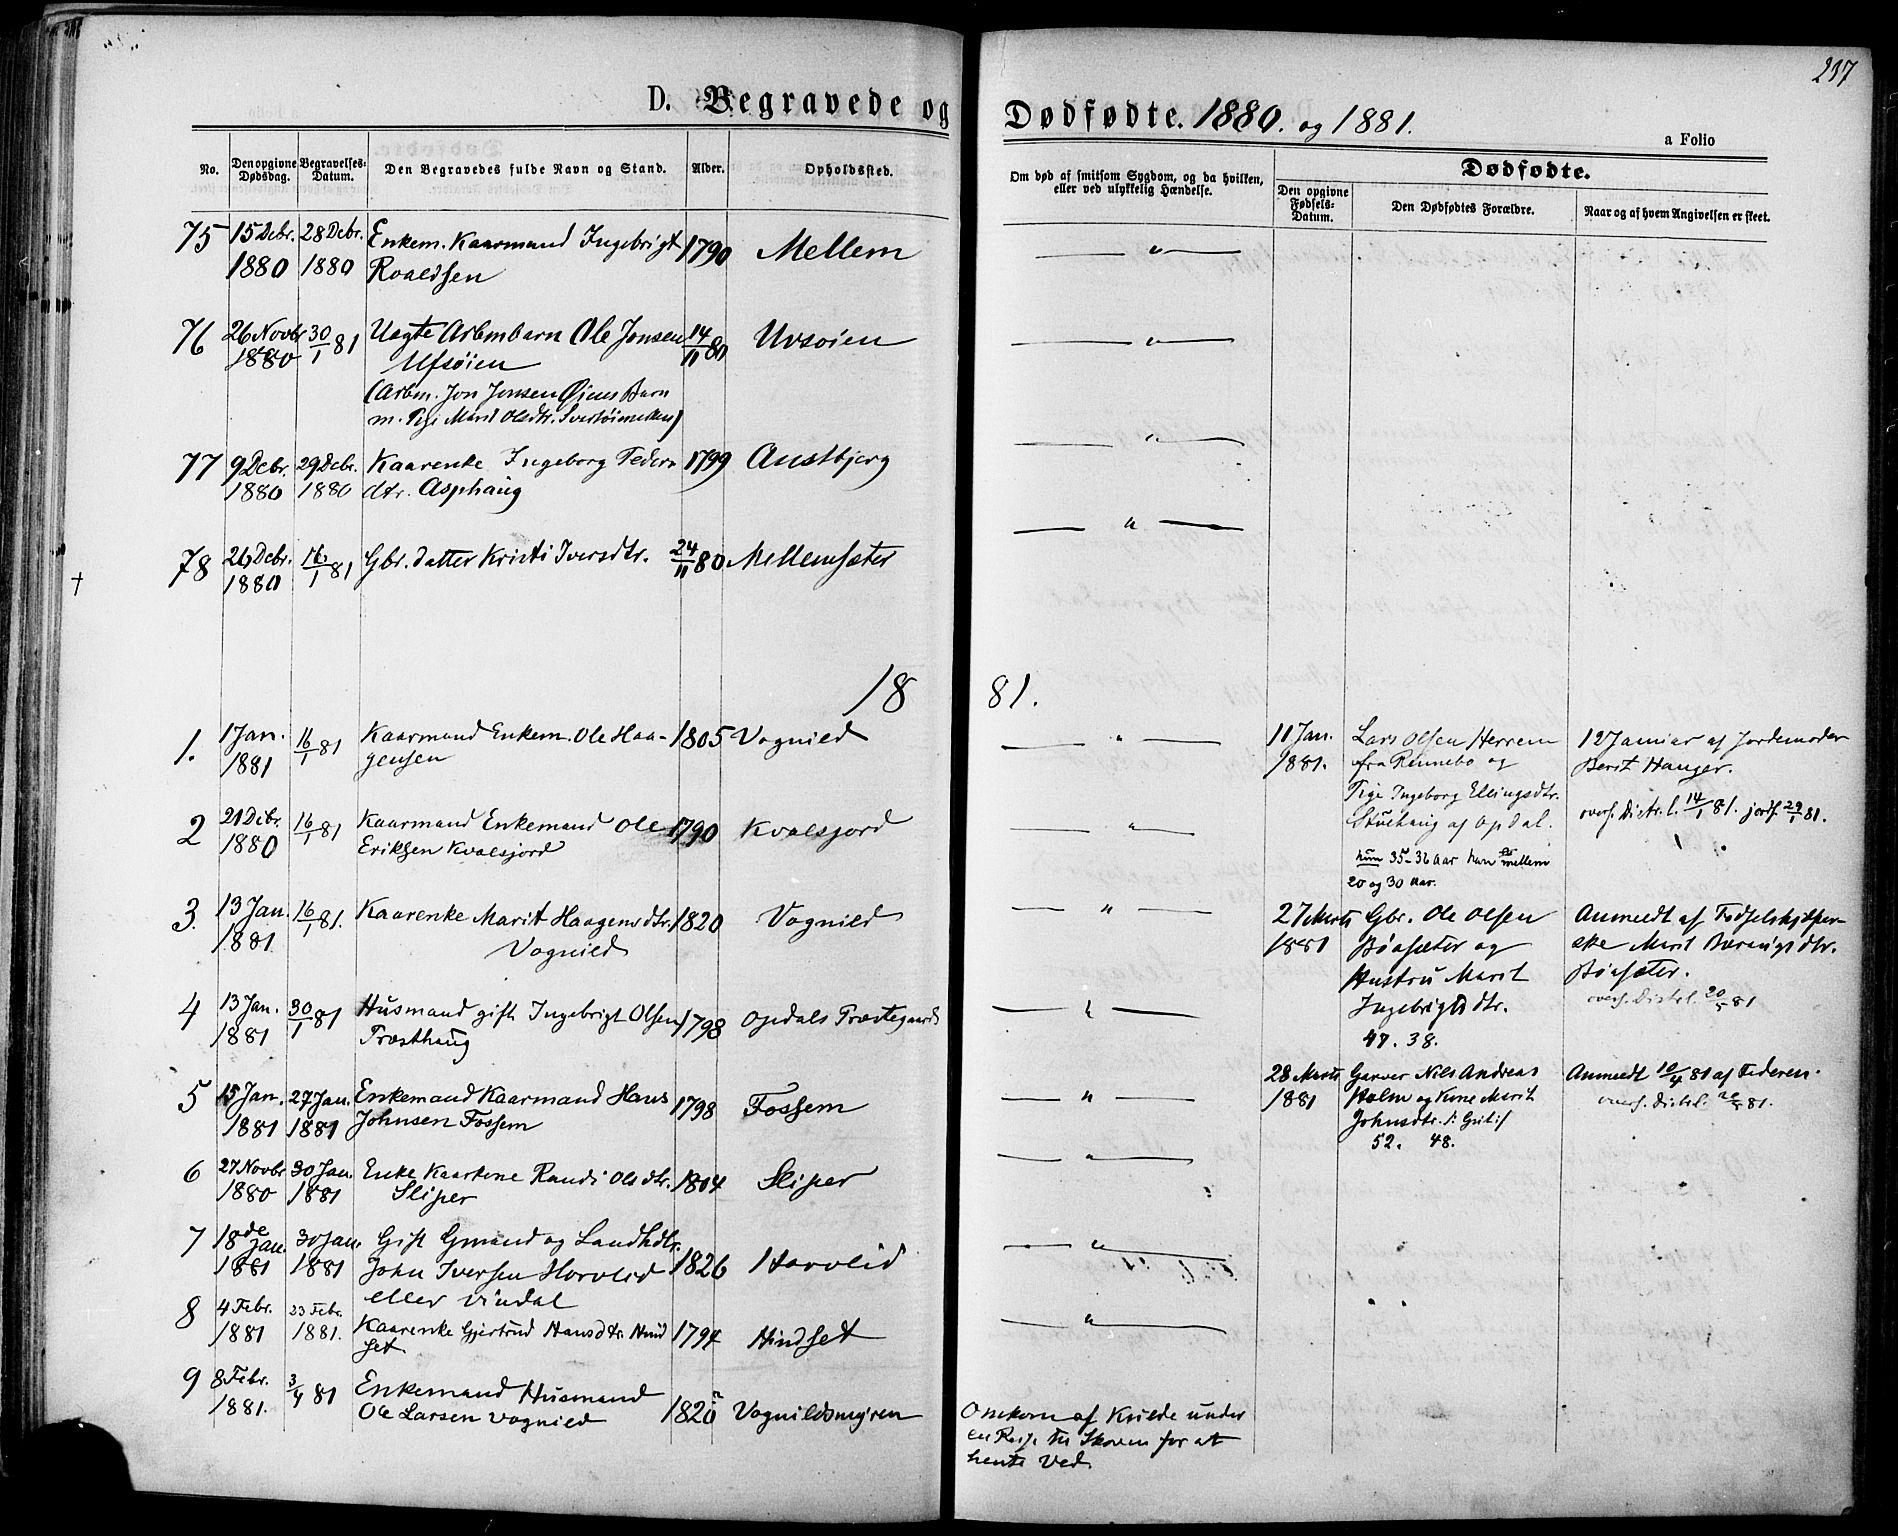 SAT, Ministerialprotokoller, klokkerbøker og fødselsregistre - Sør-Trøndelag, 678/L0900: Ministerialbok nr. 678A09, 1872-1881, s. 237